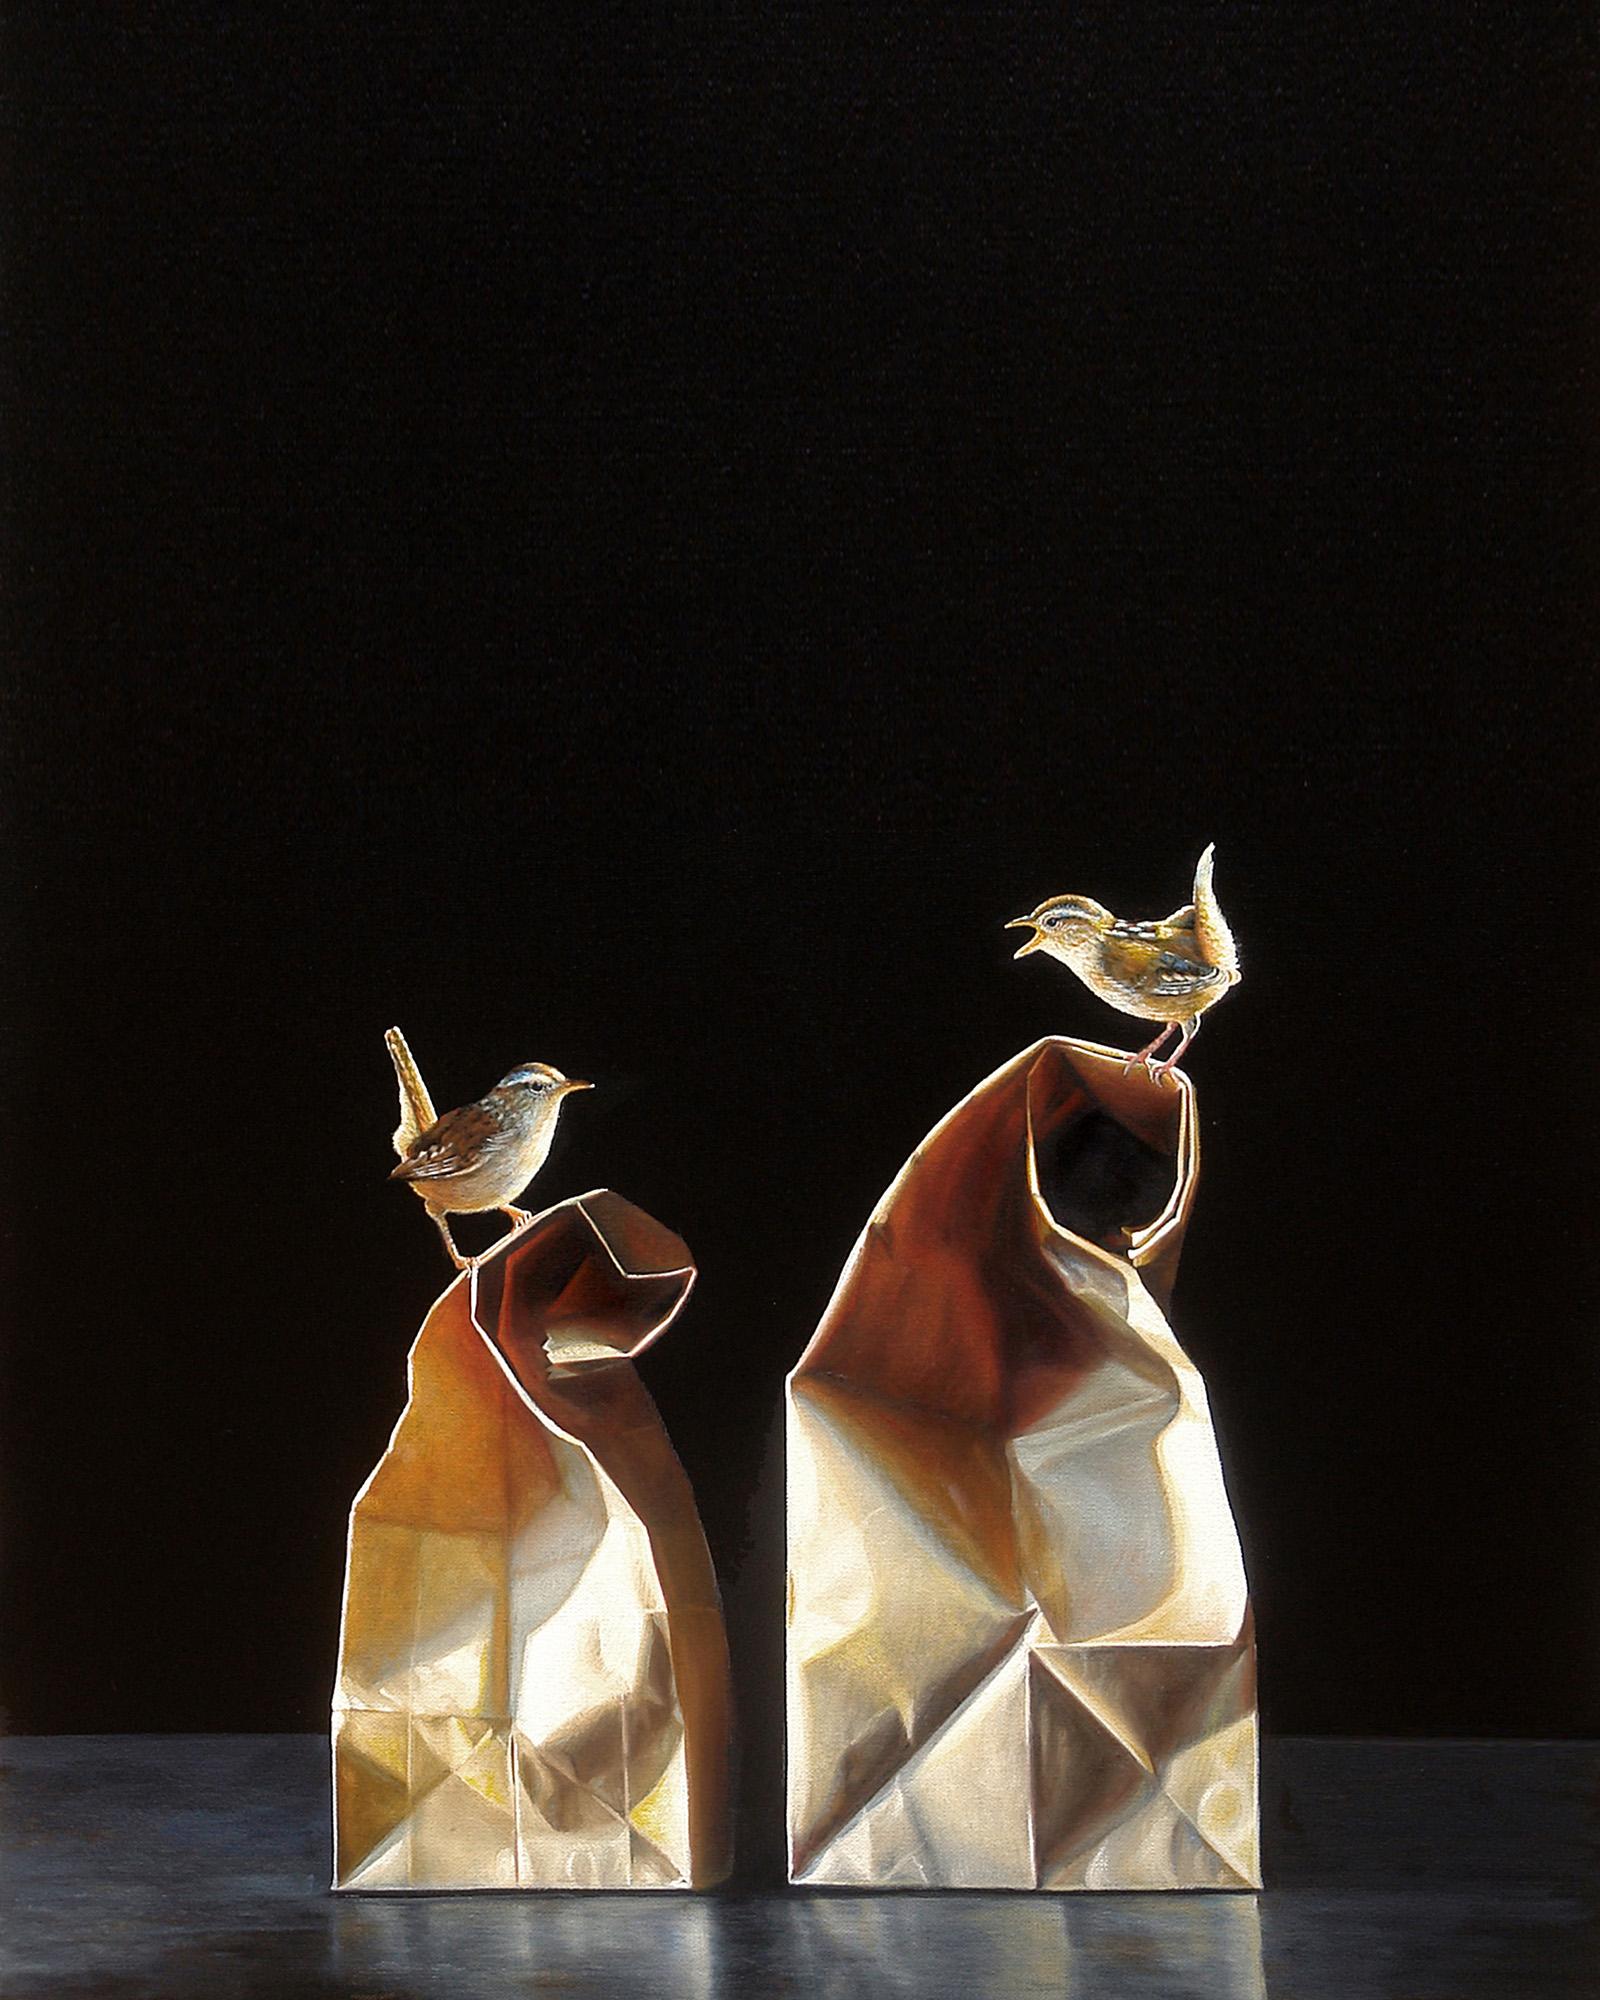 Perch No. 12 | 24 x 30 | Oil on canvas